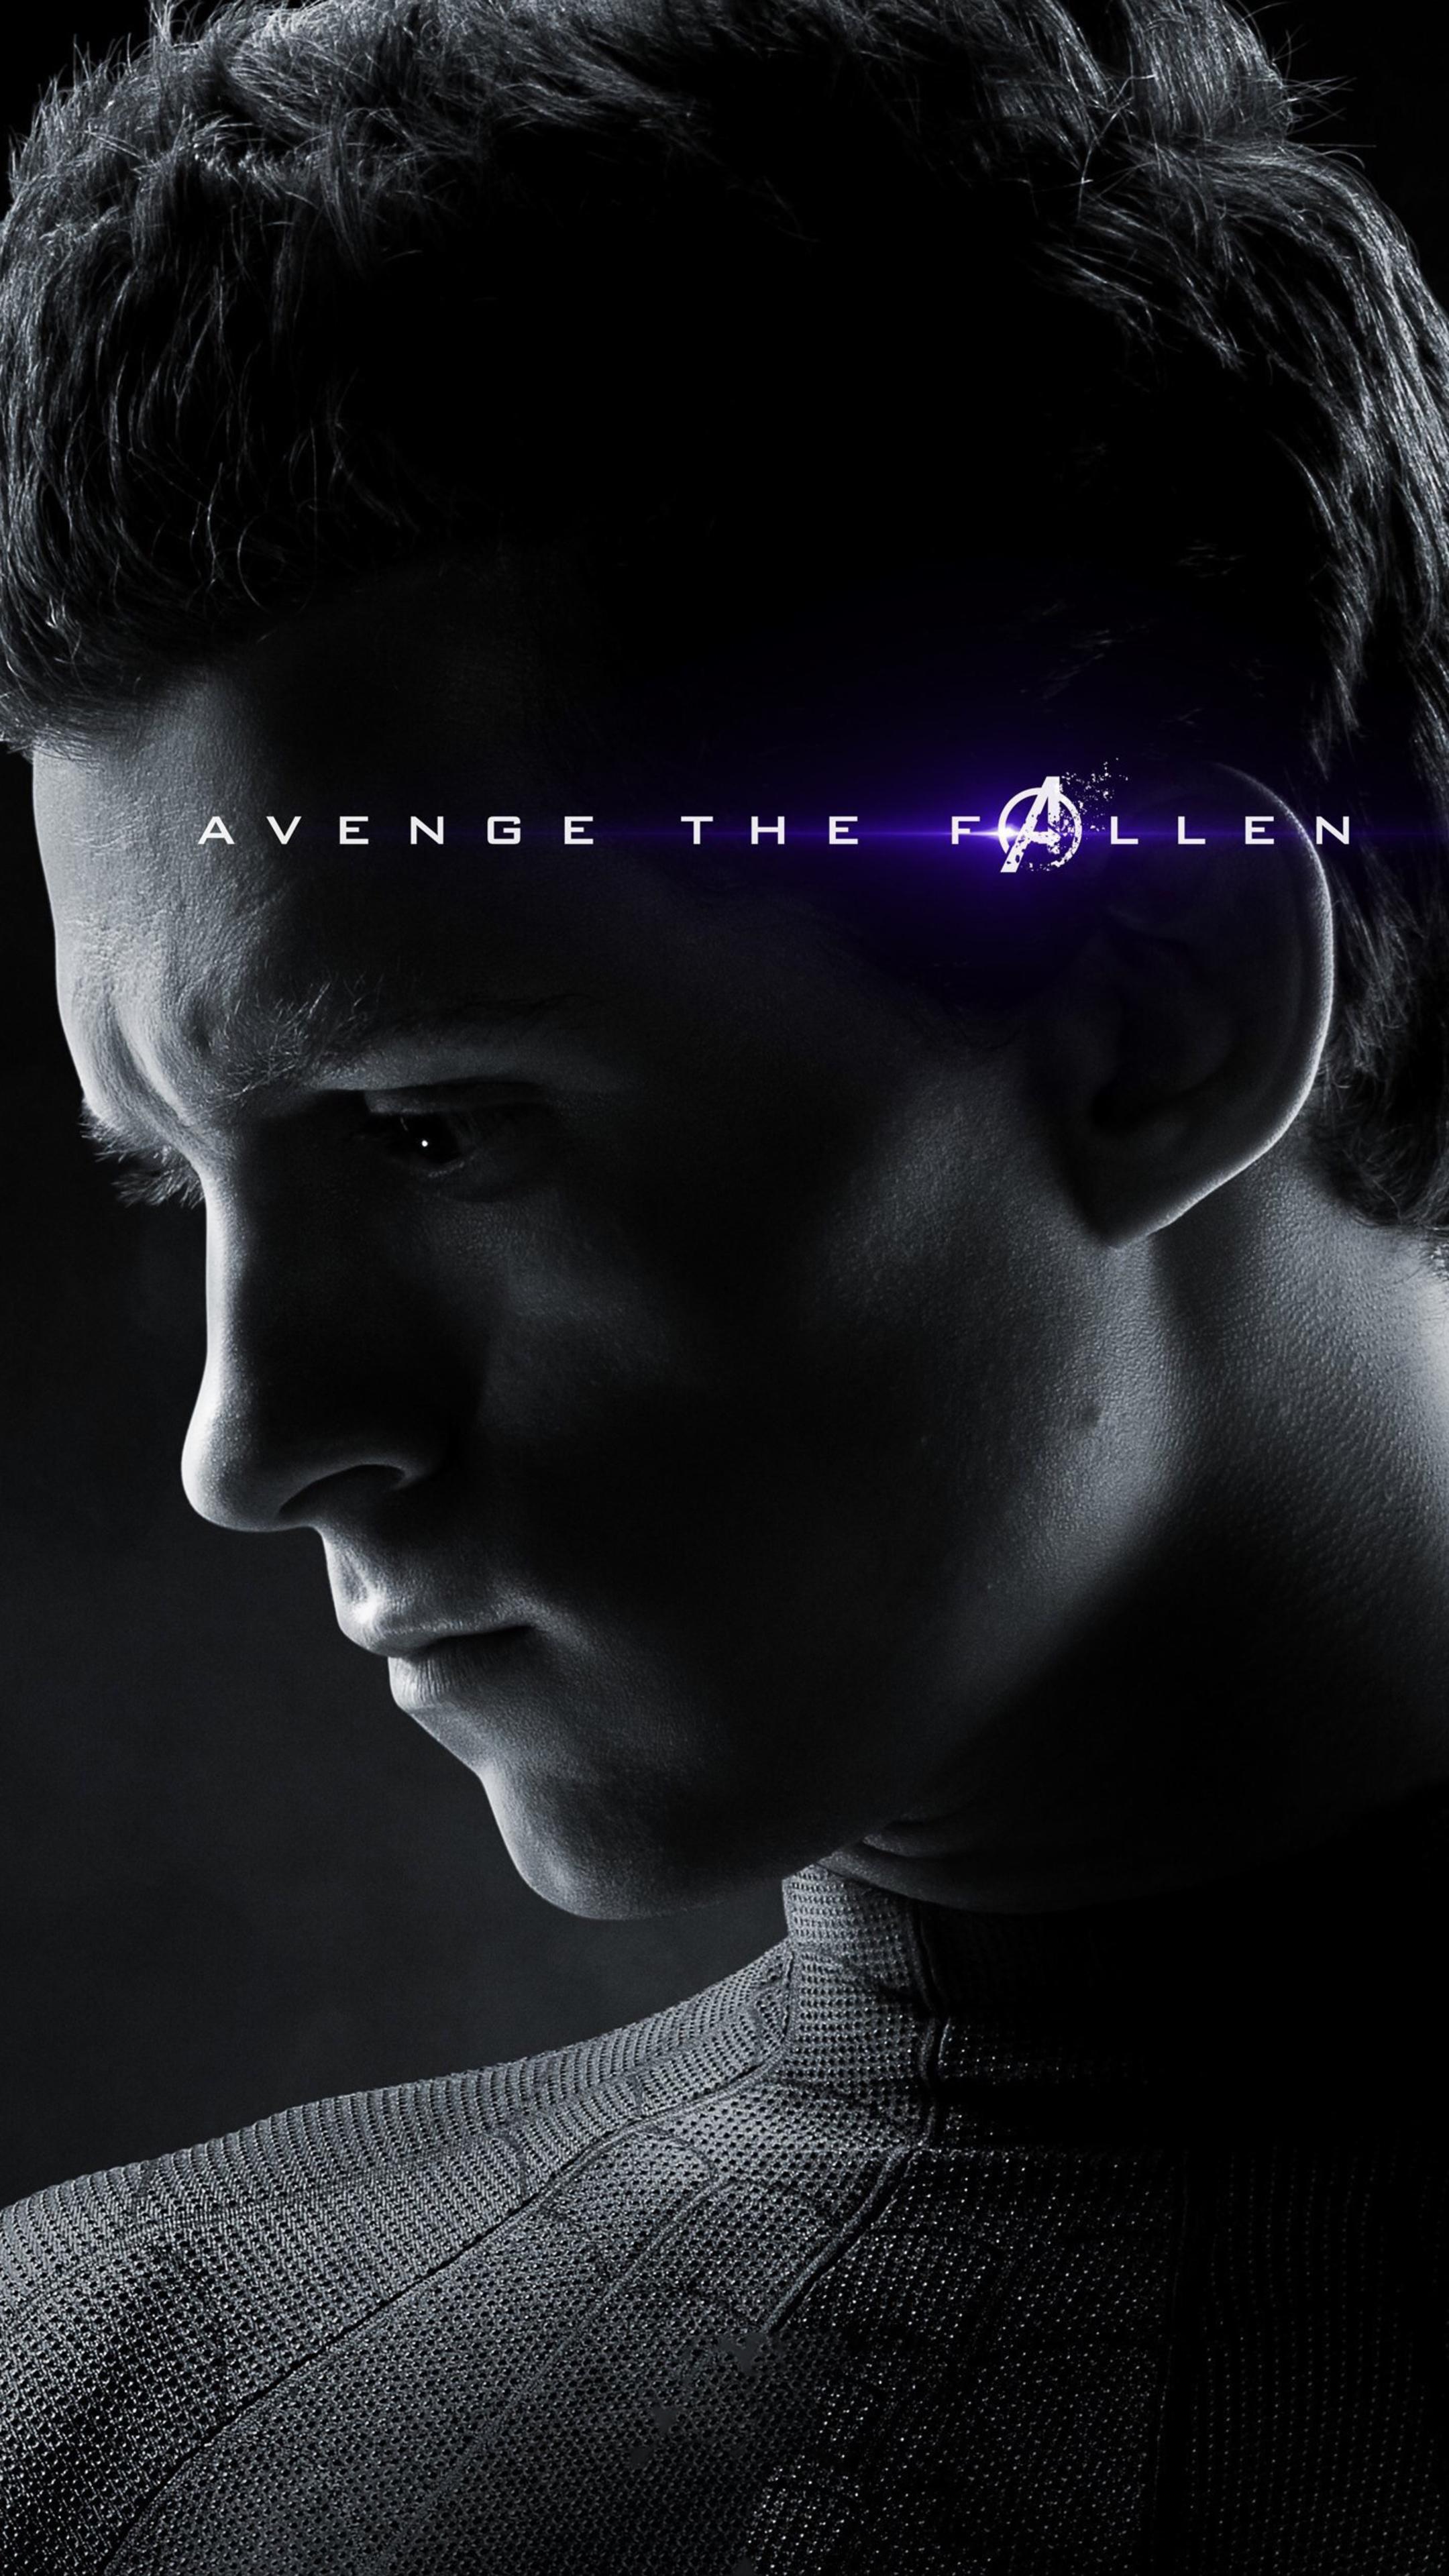 spiderman-avengers-endgame-2019-poster-68-2160x3840.jpg